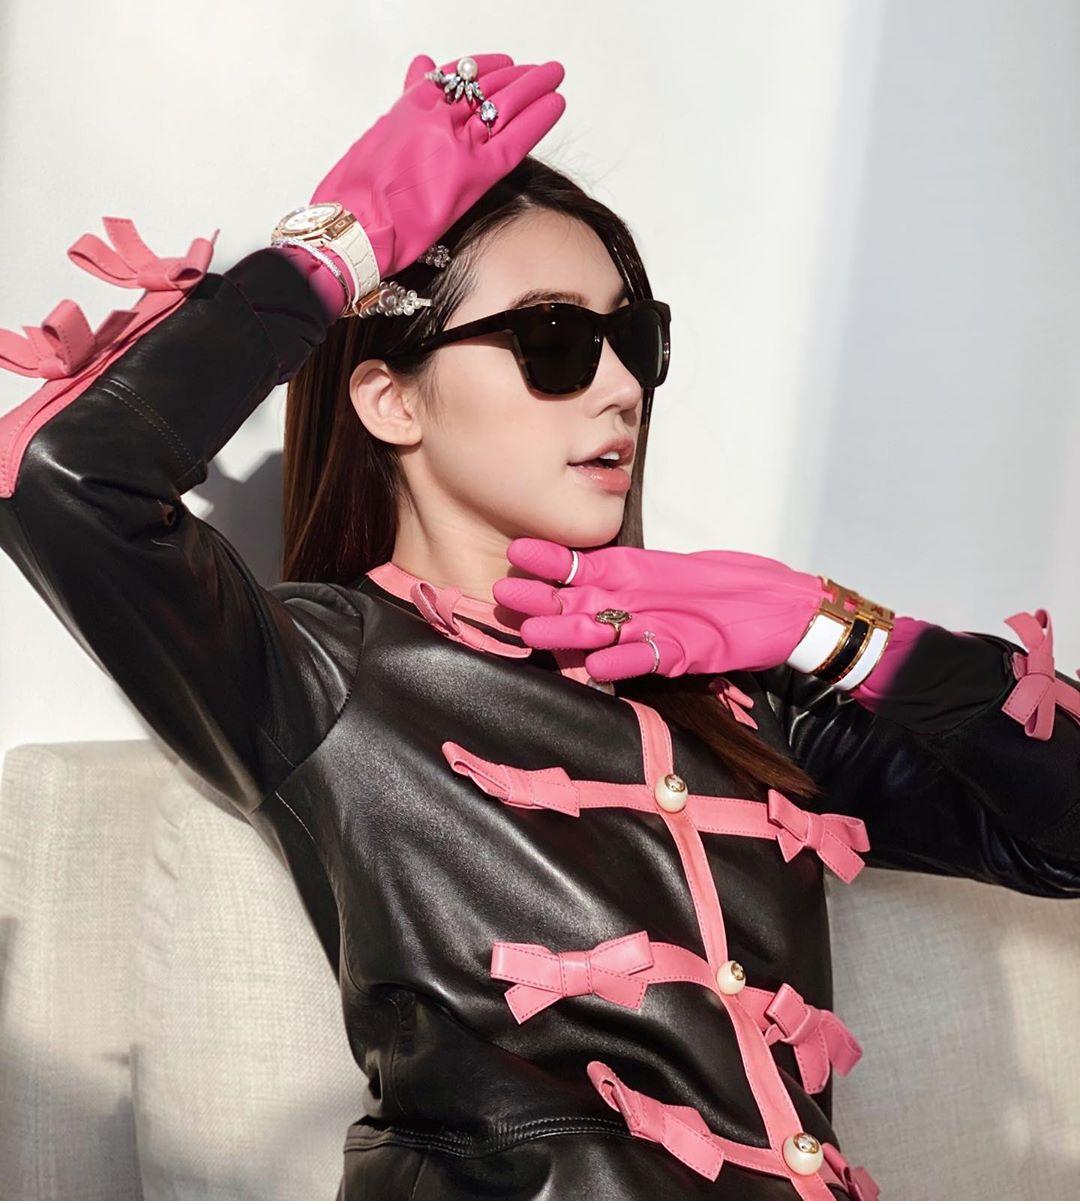 Những màn lên đồ cực gắt của sao Việt khi ở nhà: Phạm Hương mặc bikini vẫn cố diện túi trăm triệu, có người còn lôi túi cả trăm triệu mới sắm ra khoe - Ảnh 2.